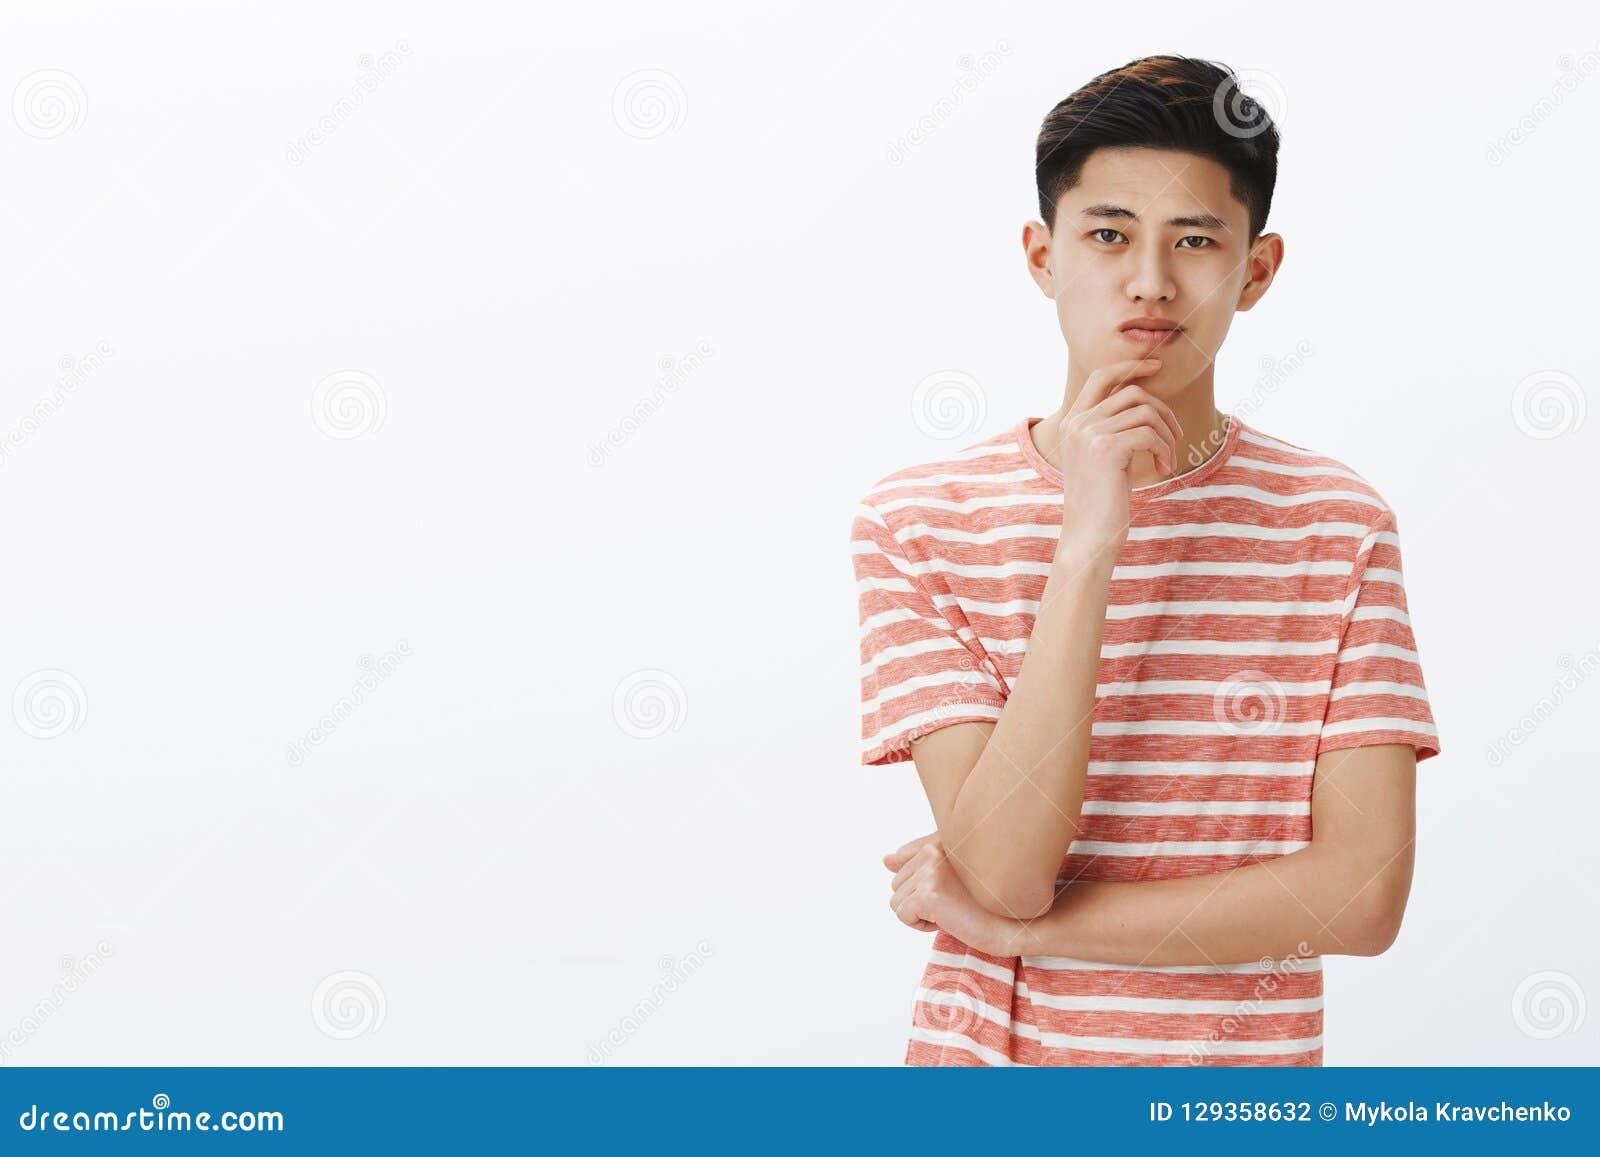 Mądrze i kreatywnie młody azjatykci faceta główkowanie nowy wymyślenie Zdecydowany i ambitny atrakcyjny chiński męski uczeń